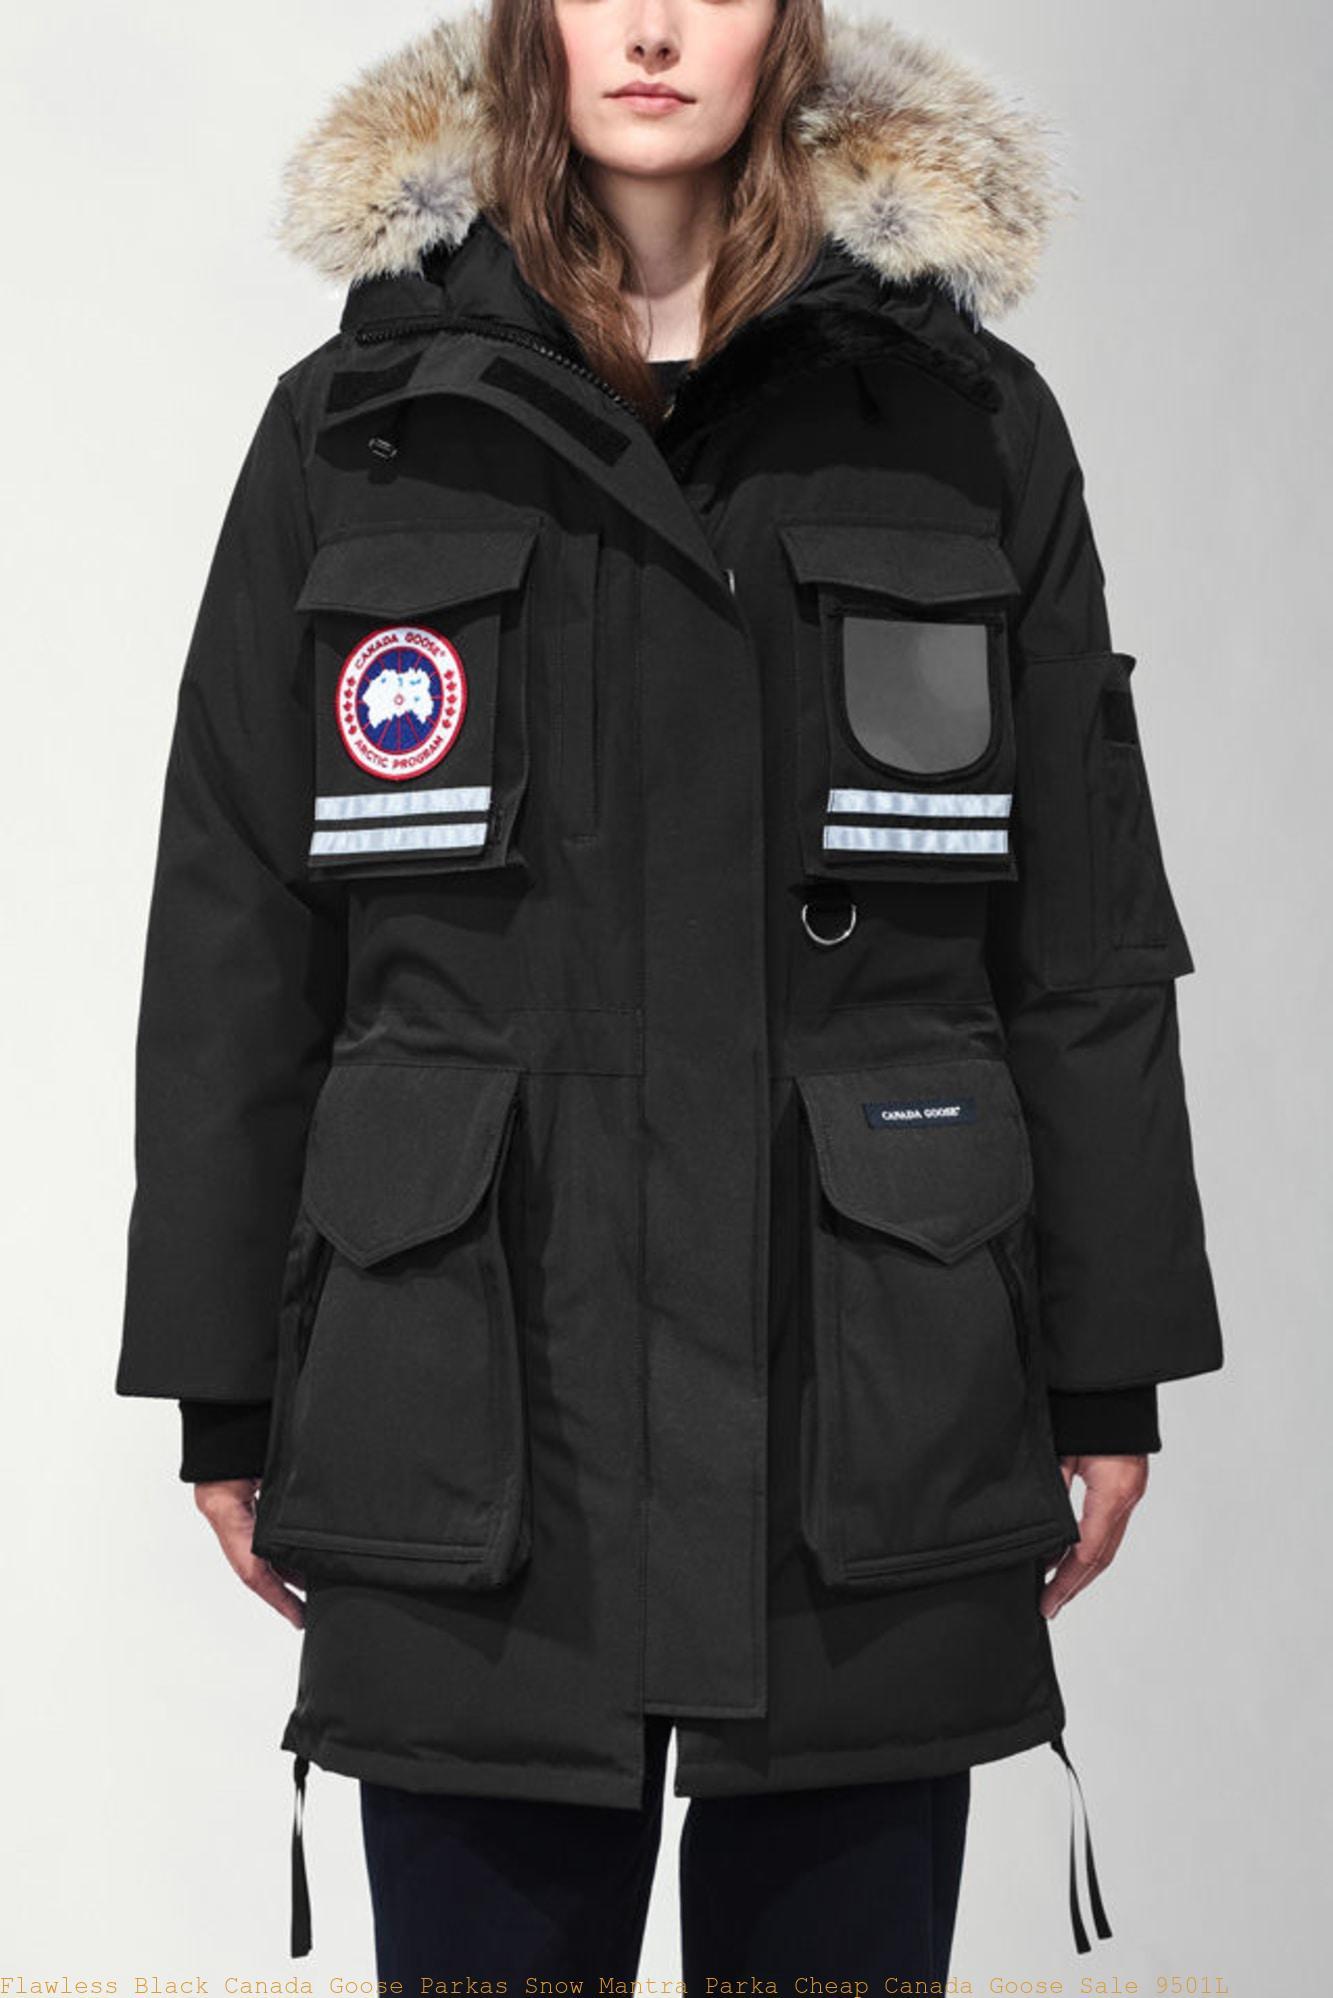 Snow Mantra Parka : Canada Goose Outlet, Canada Goose Black